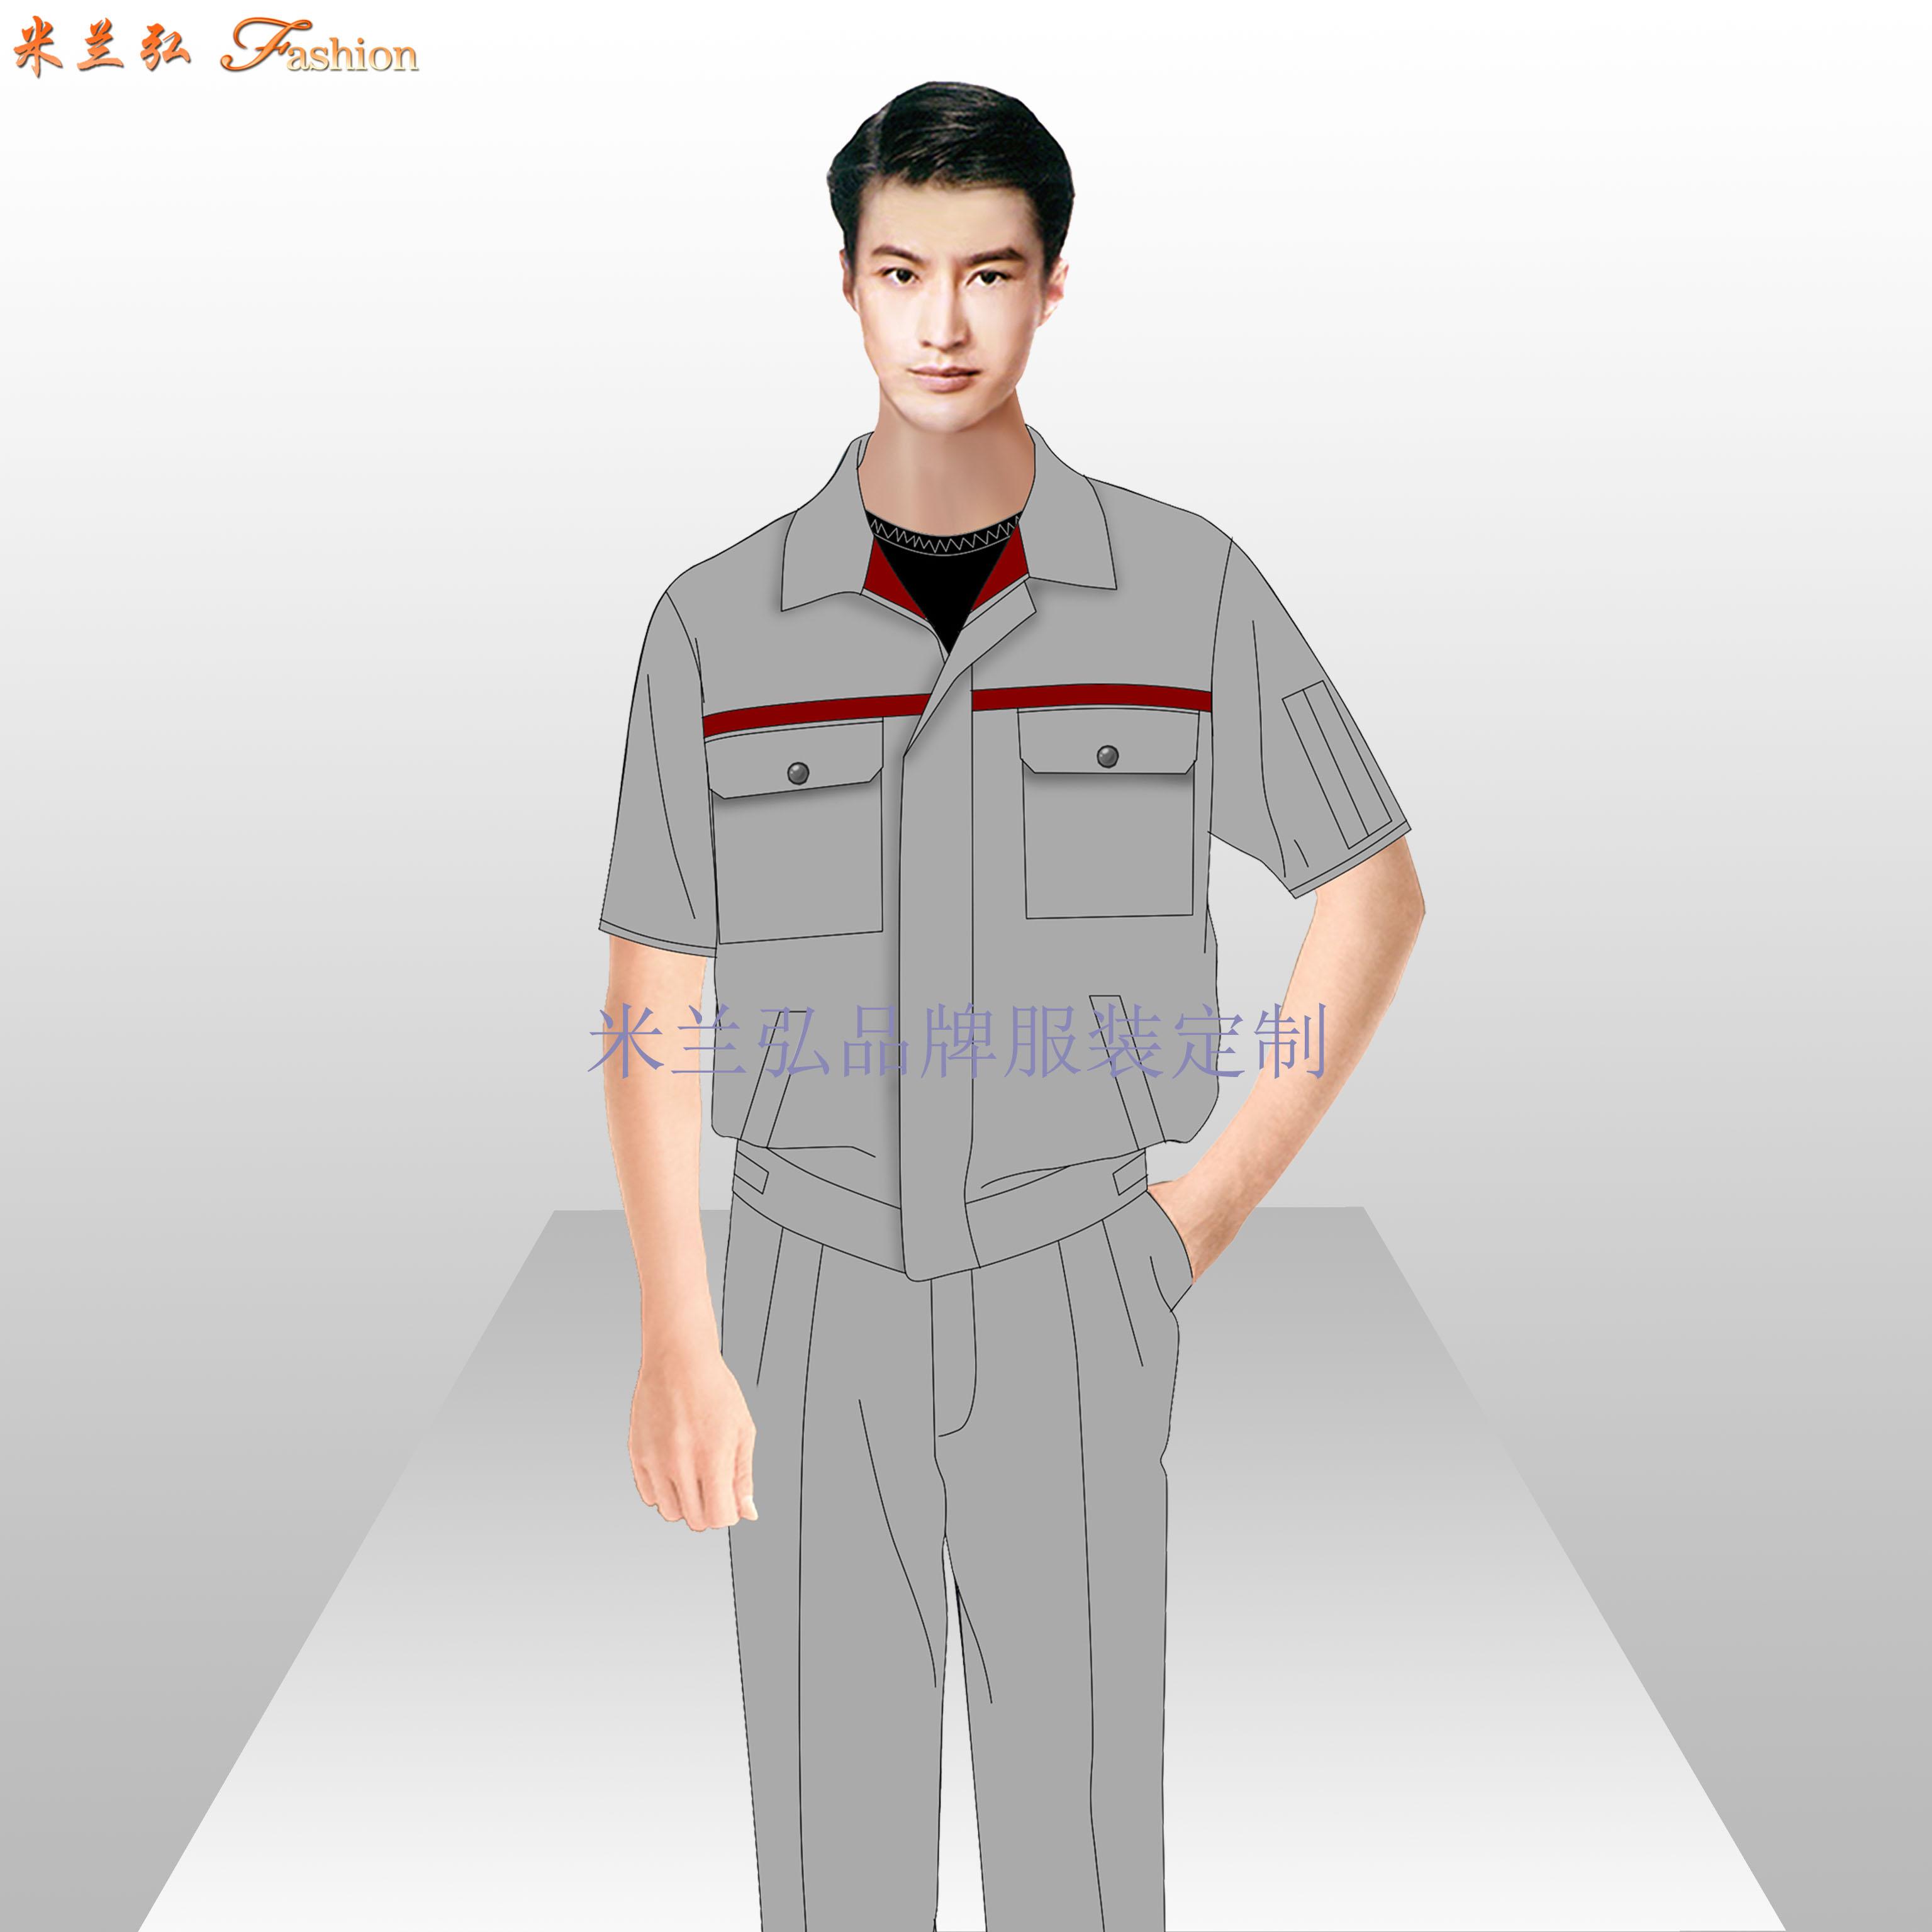 貴州工作服廠家-工作服定做價格圖片-米蘭弘服裝-2